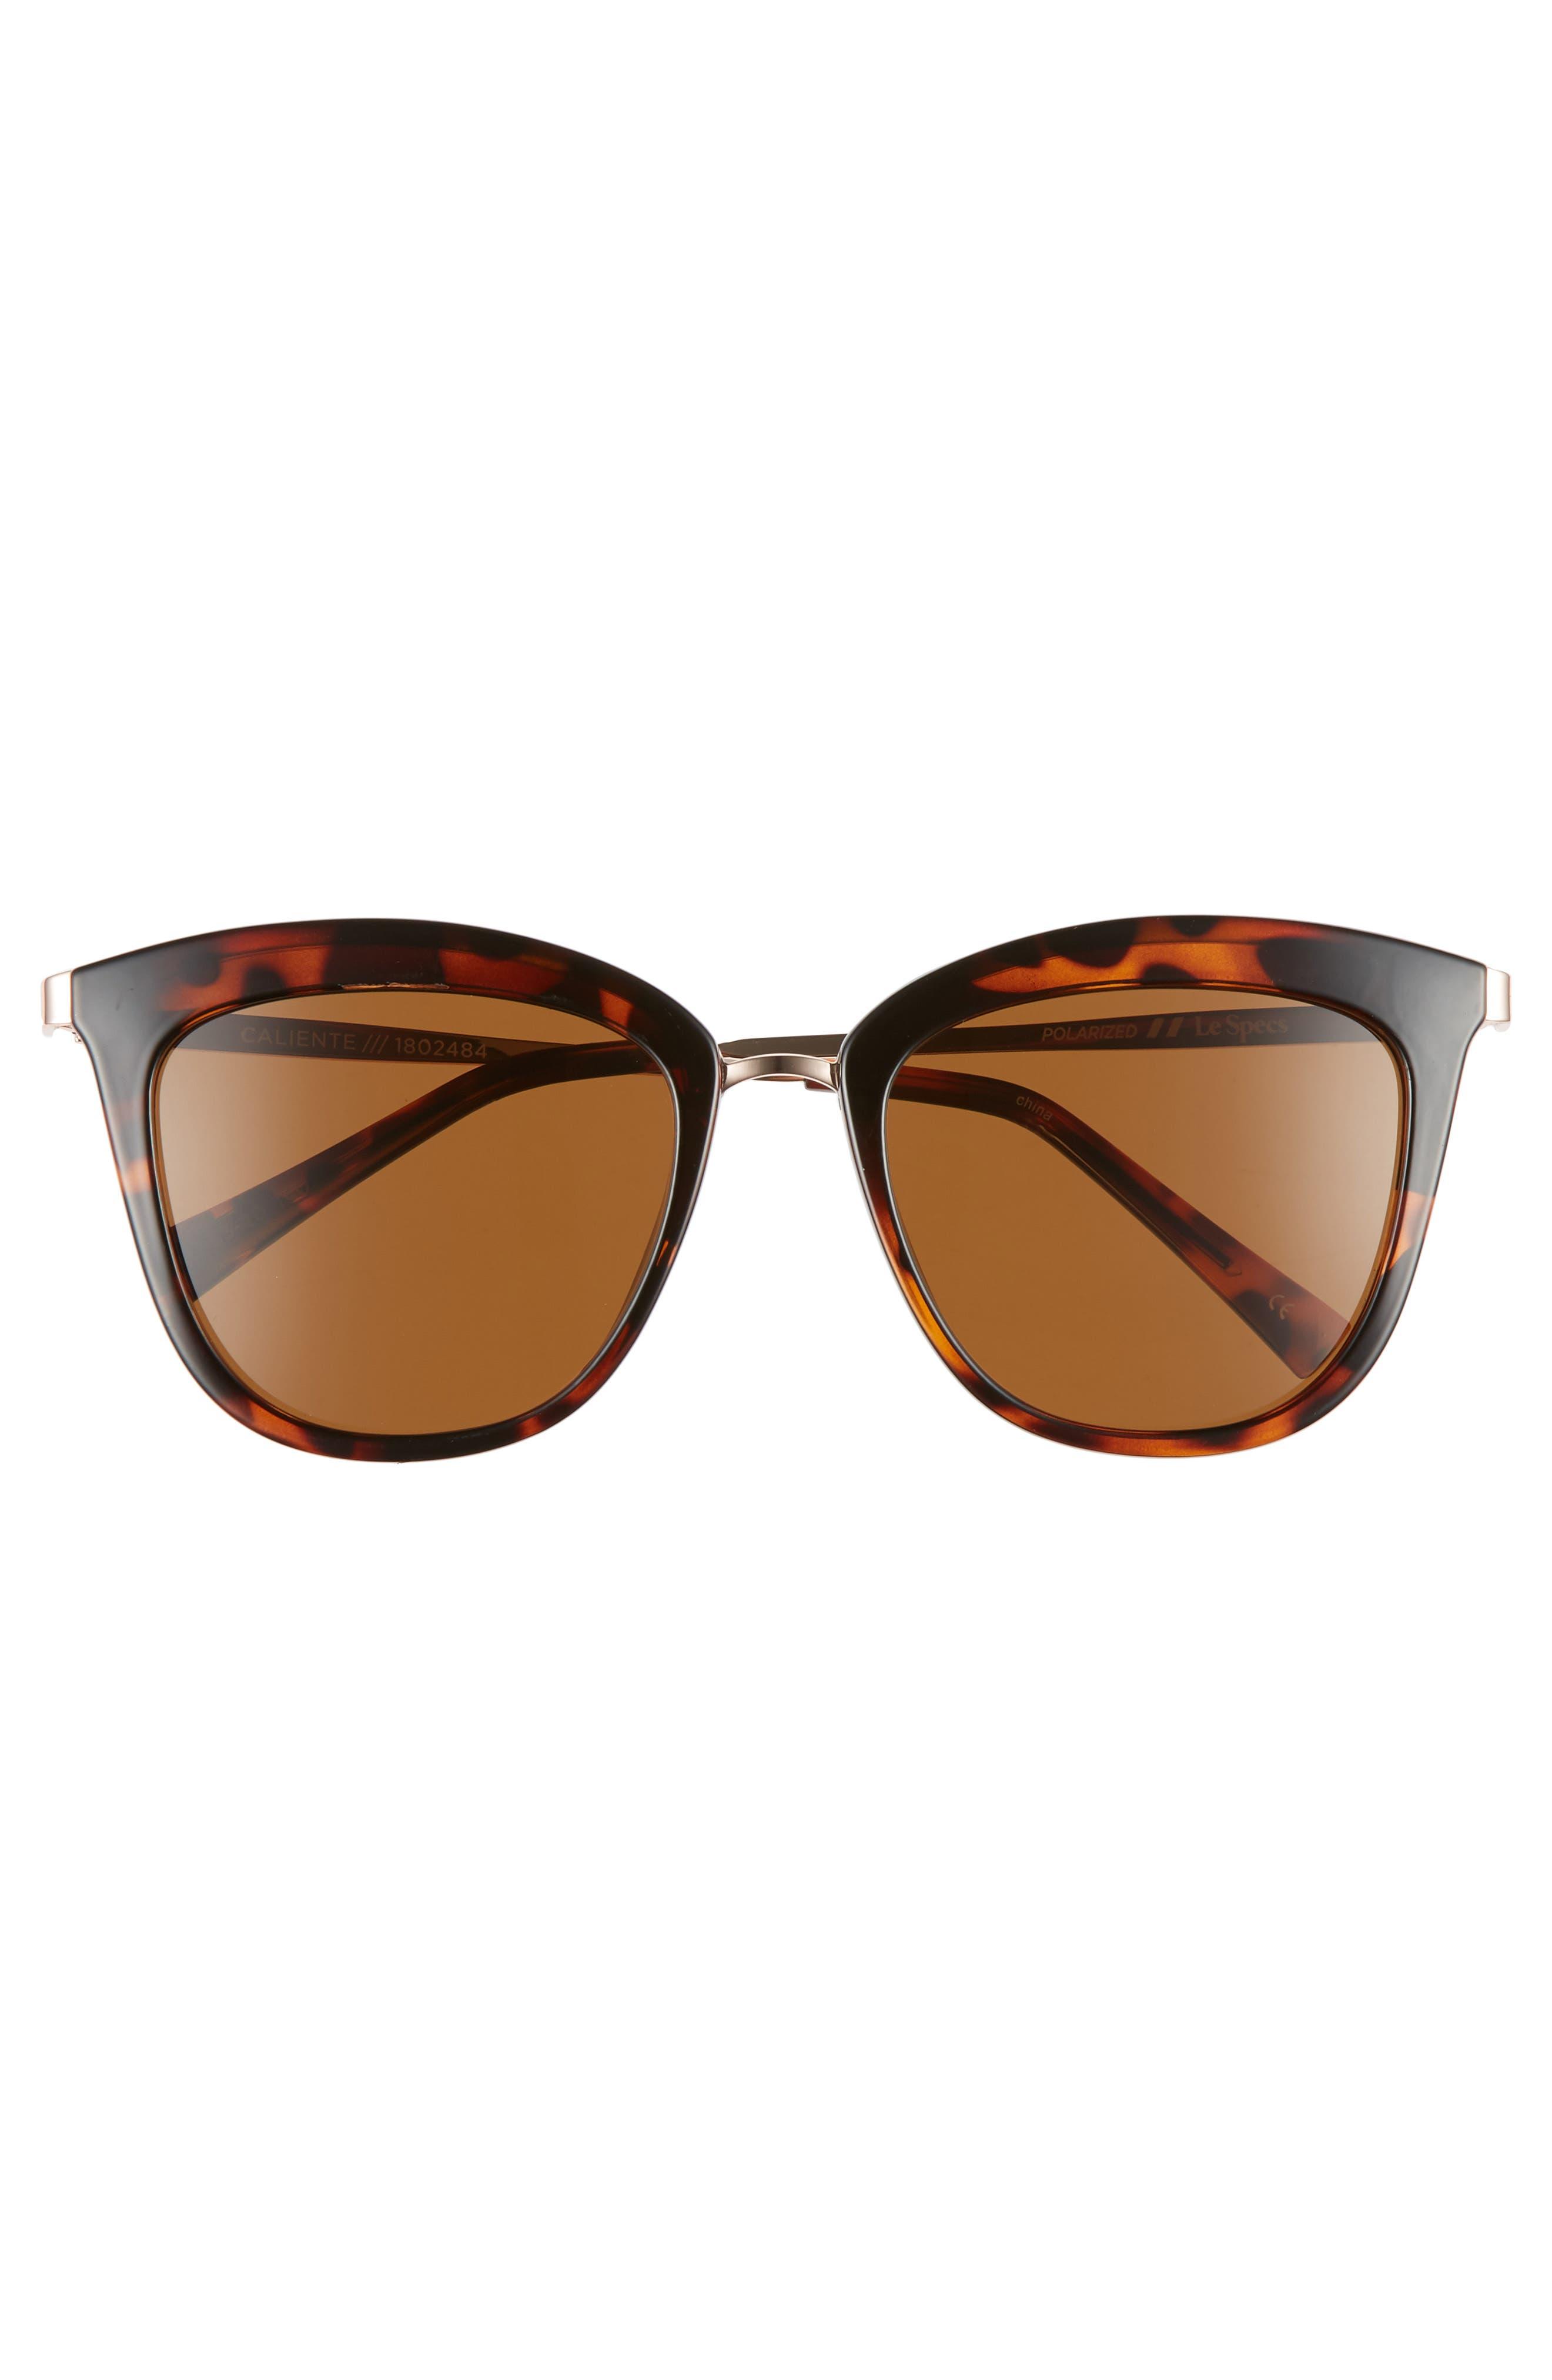 Caliente 53mm Polarized Cat Eye Sunglasses,                             Alternate thumbnail 3, color,                             TORTOISE / ROSE GOLD